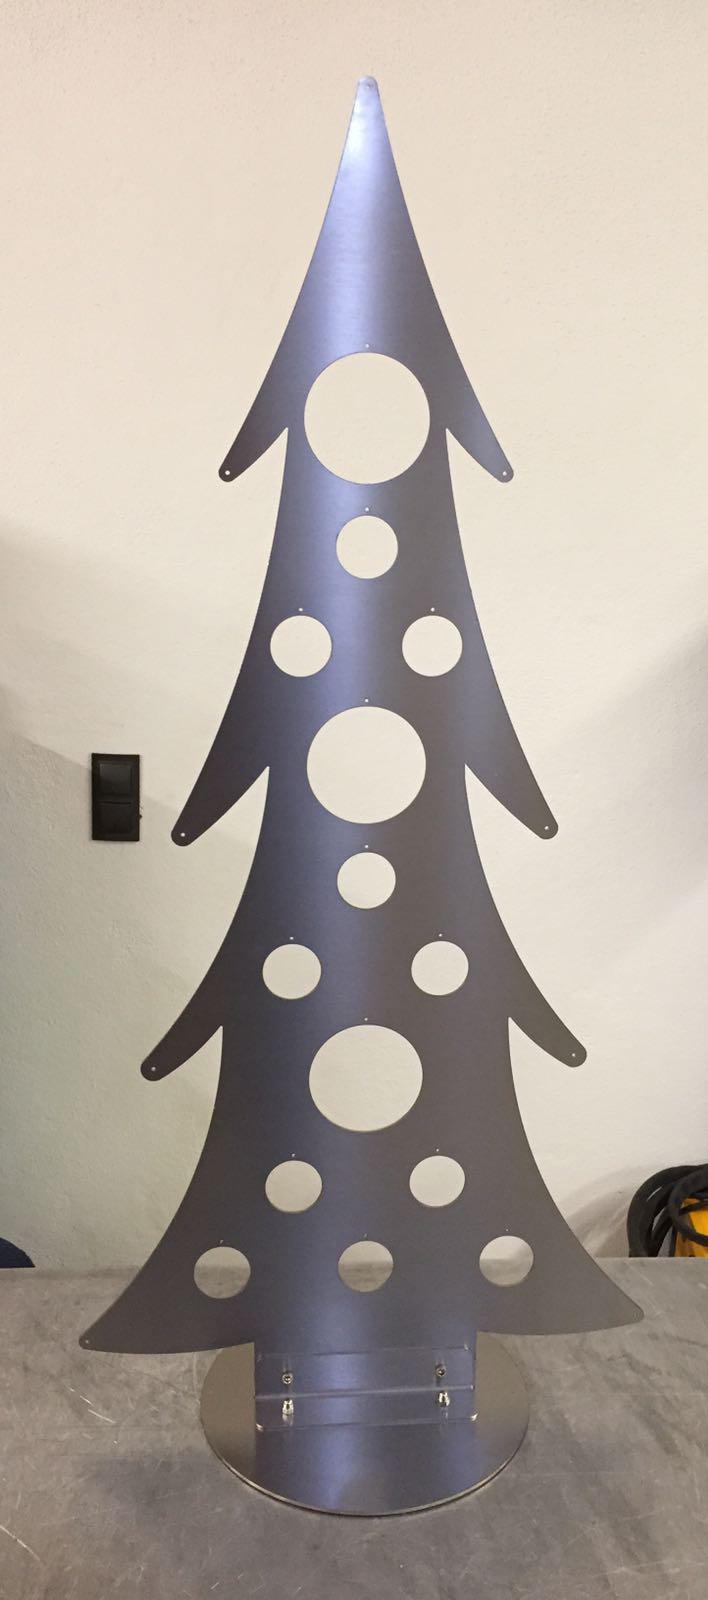 weihnachtsbaum aus geschliffenen edelstahl. Black Bedroom Furniture Sets. Home Design Ideas